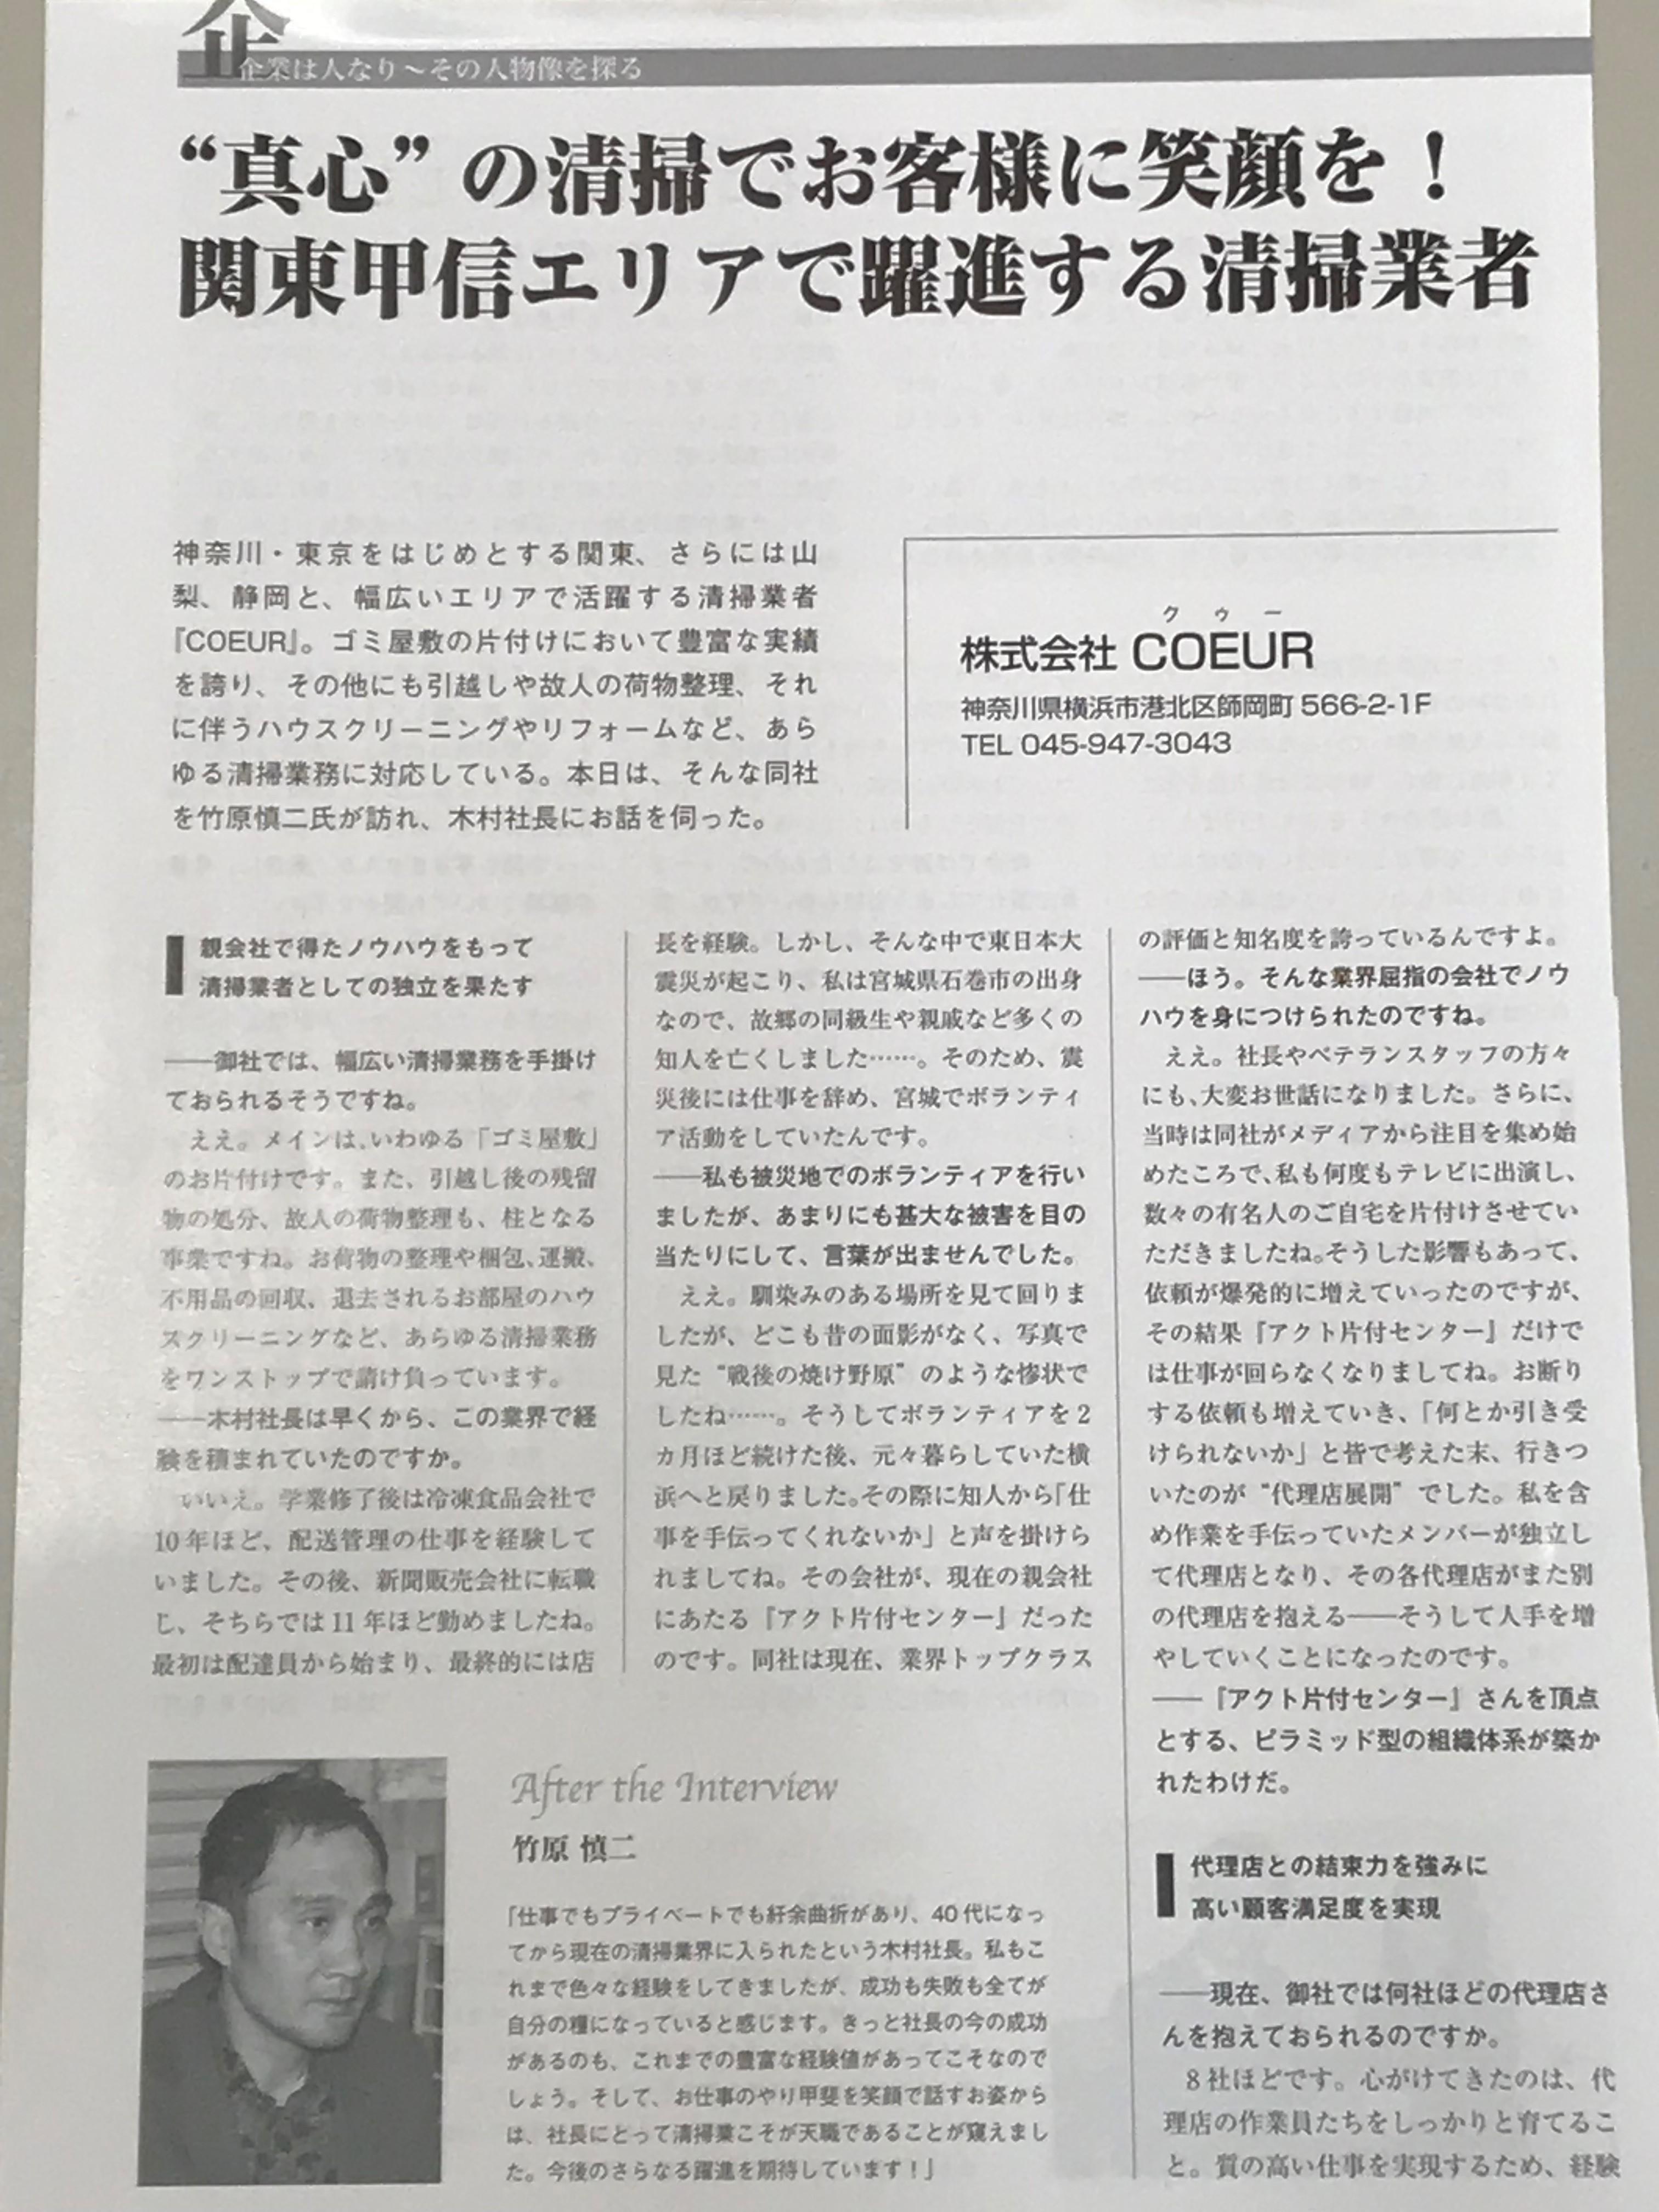 雑誌対談竹原慎二さん